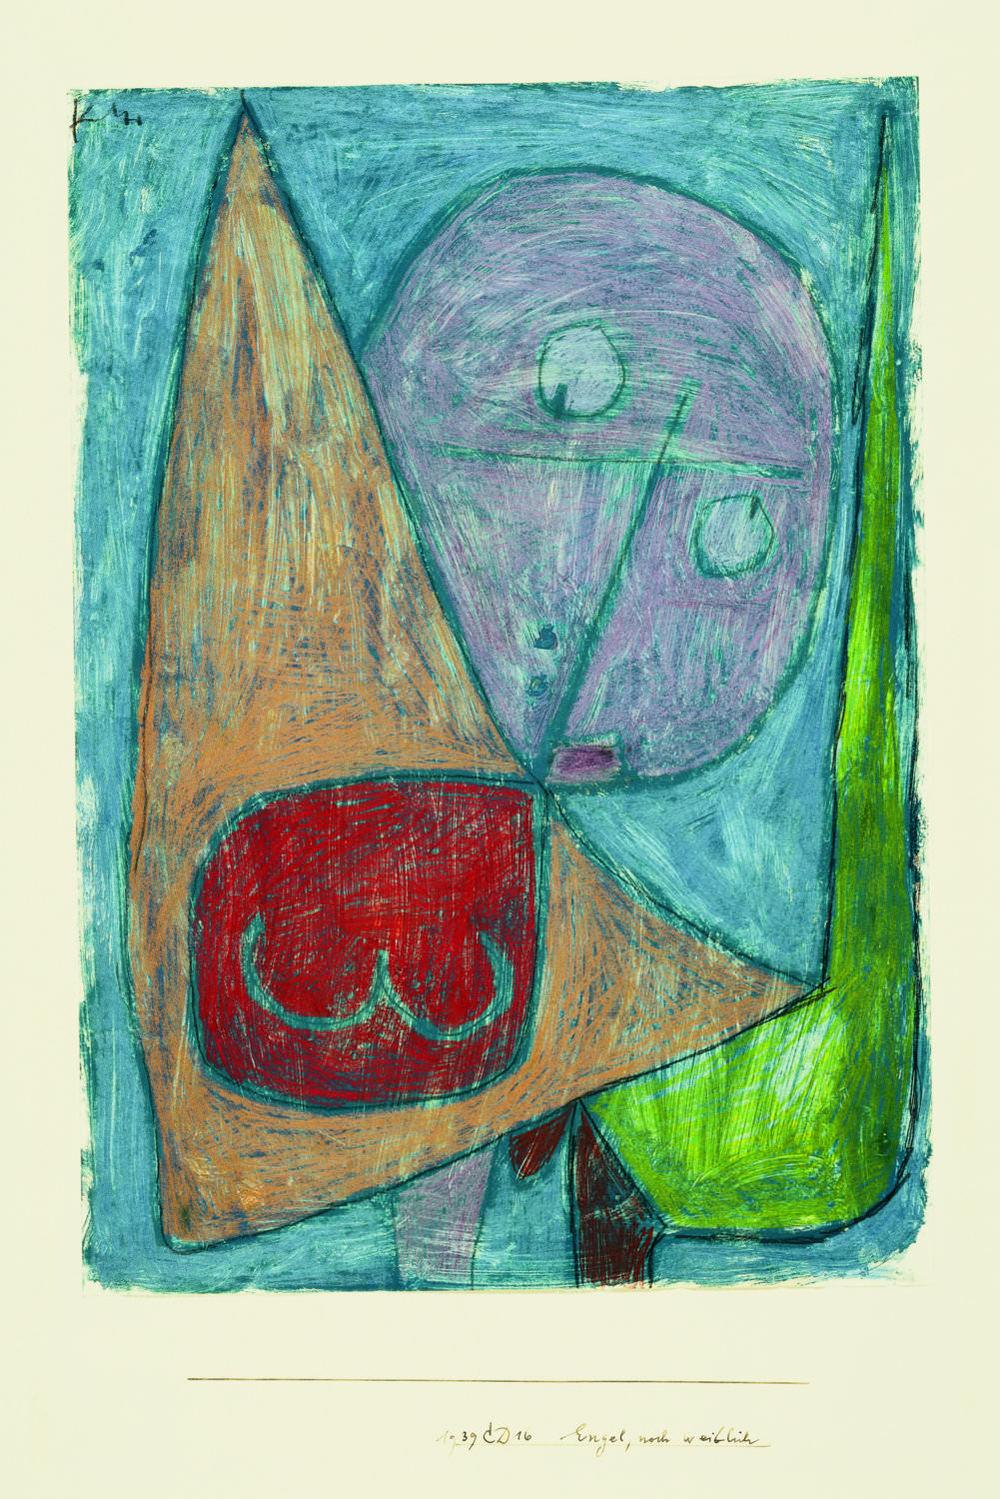 Abb. 10: Paul Klee,Engel, noch weiblich, 1939, 1016,Kreide auf Grundierung auf Papier auf Karton,41,7 x 29,4 cm,Zentrum Paul Klee, Bern © Zentrum Paul Klee, Bern, Bildarchiv